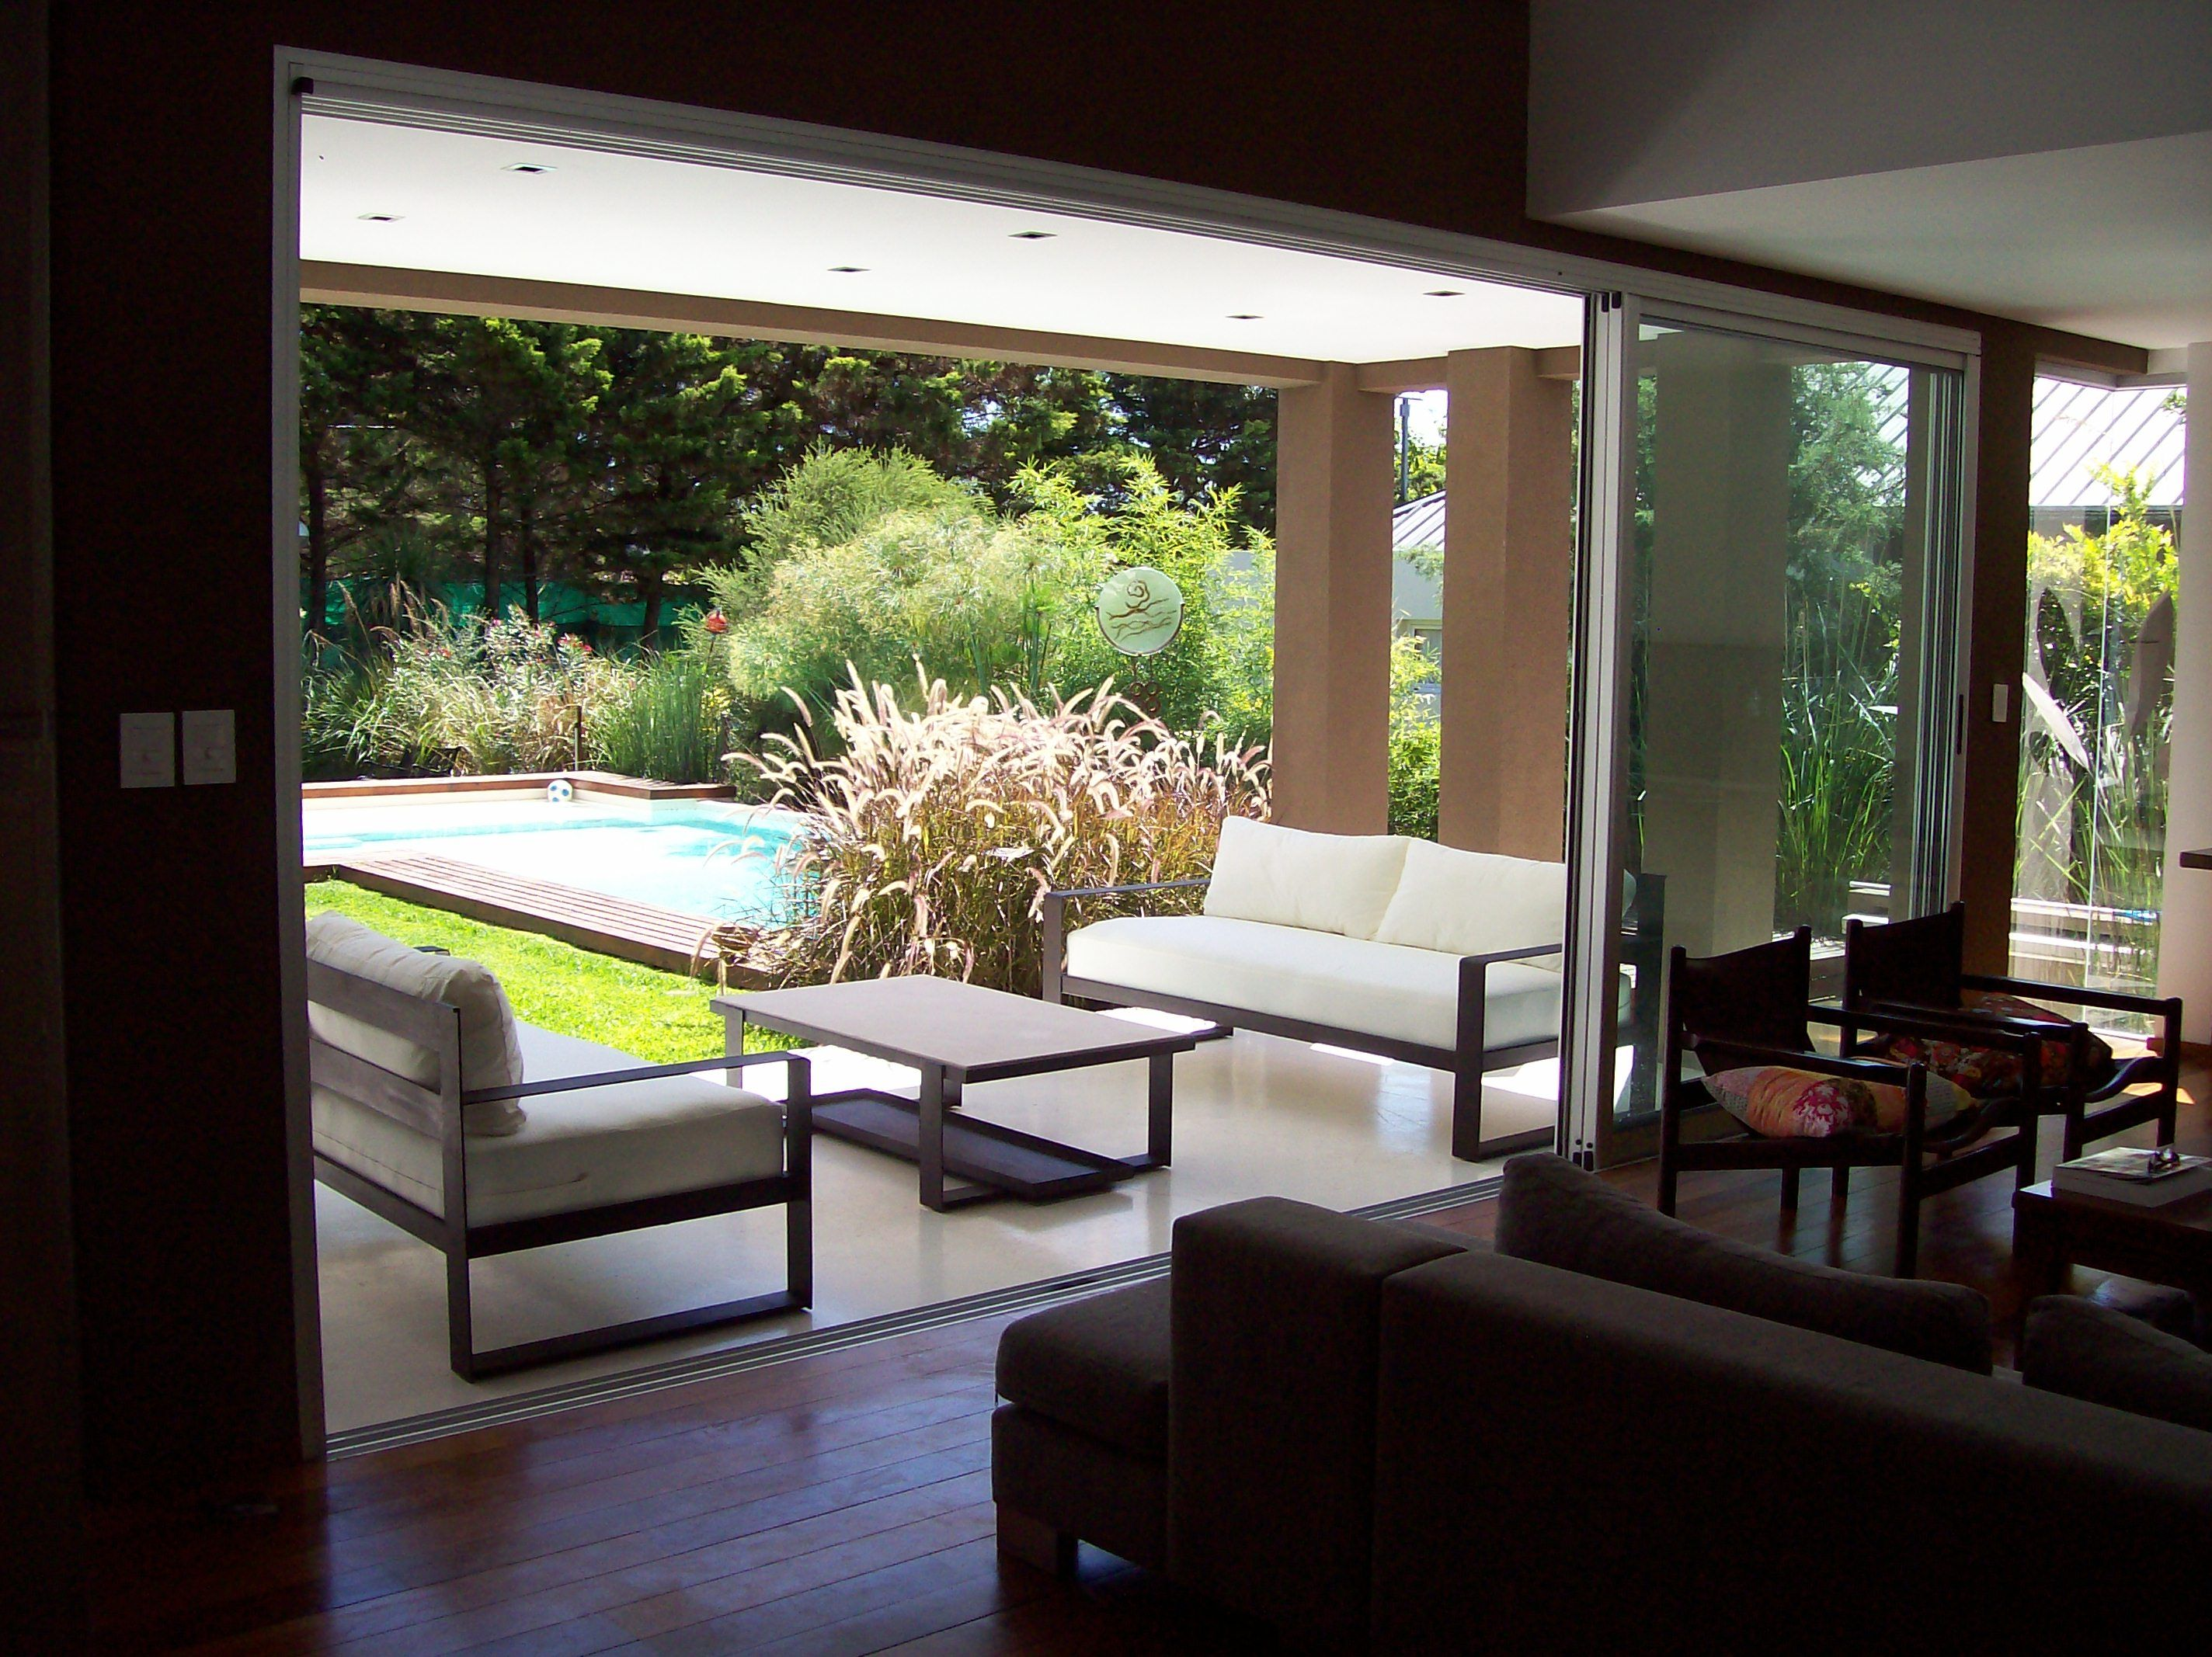 Muebles de exterior en hierro para jardin muebles de for Muebles de jardin exterior